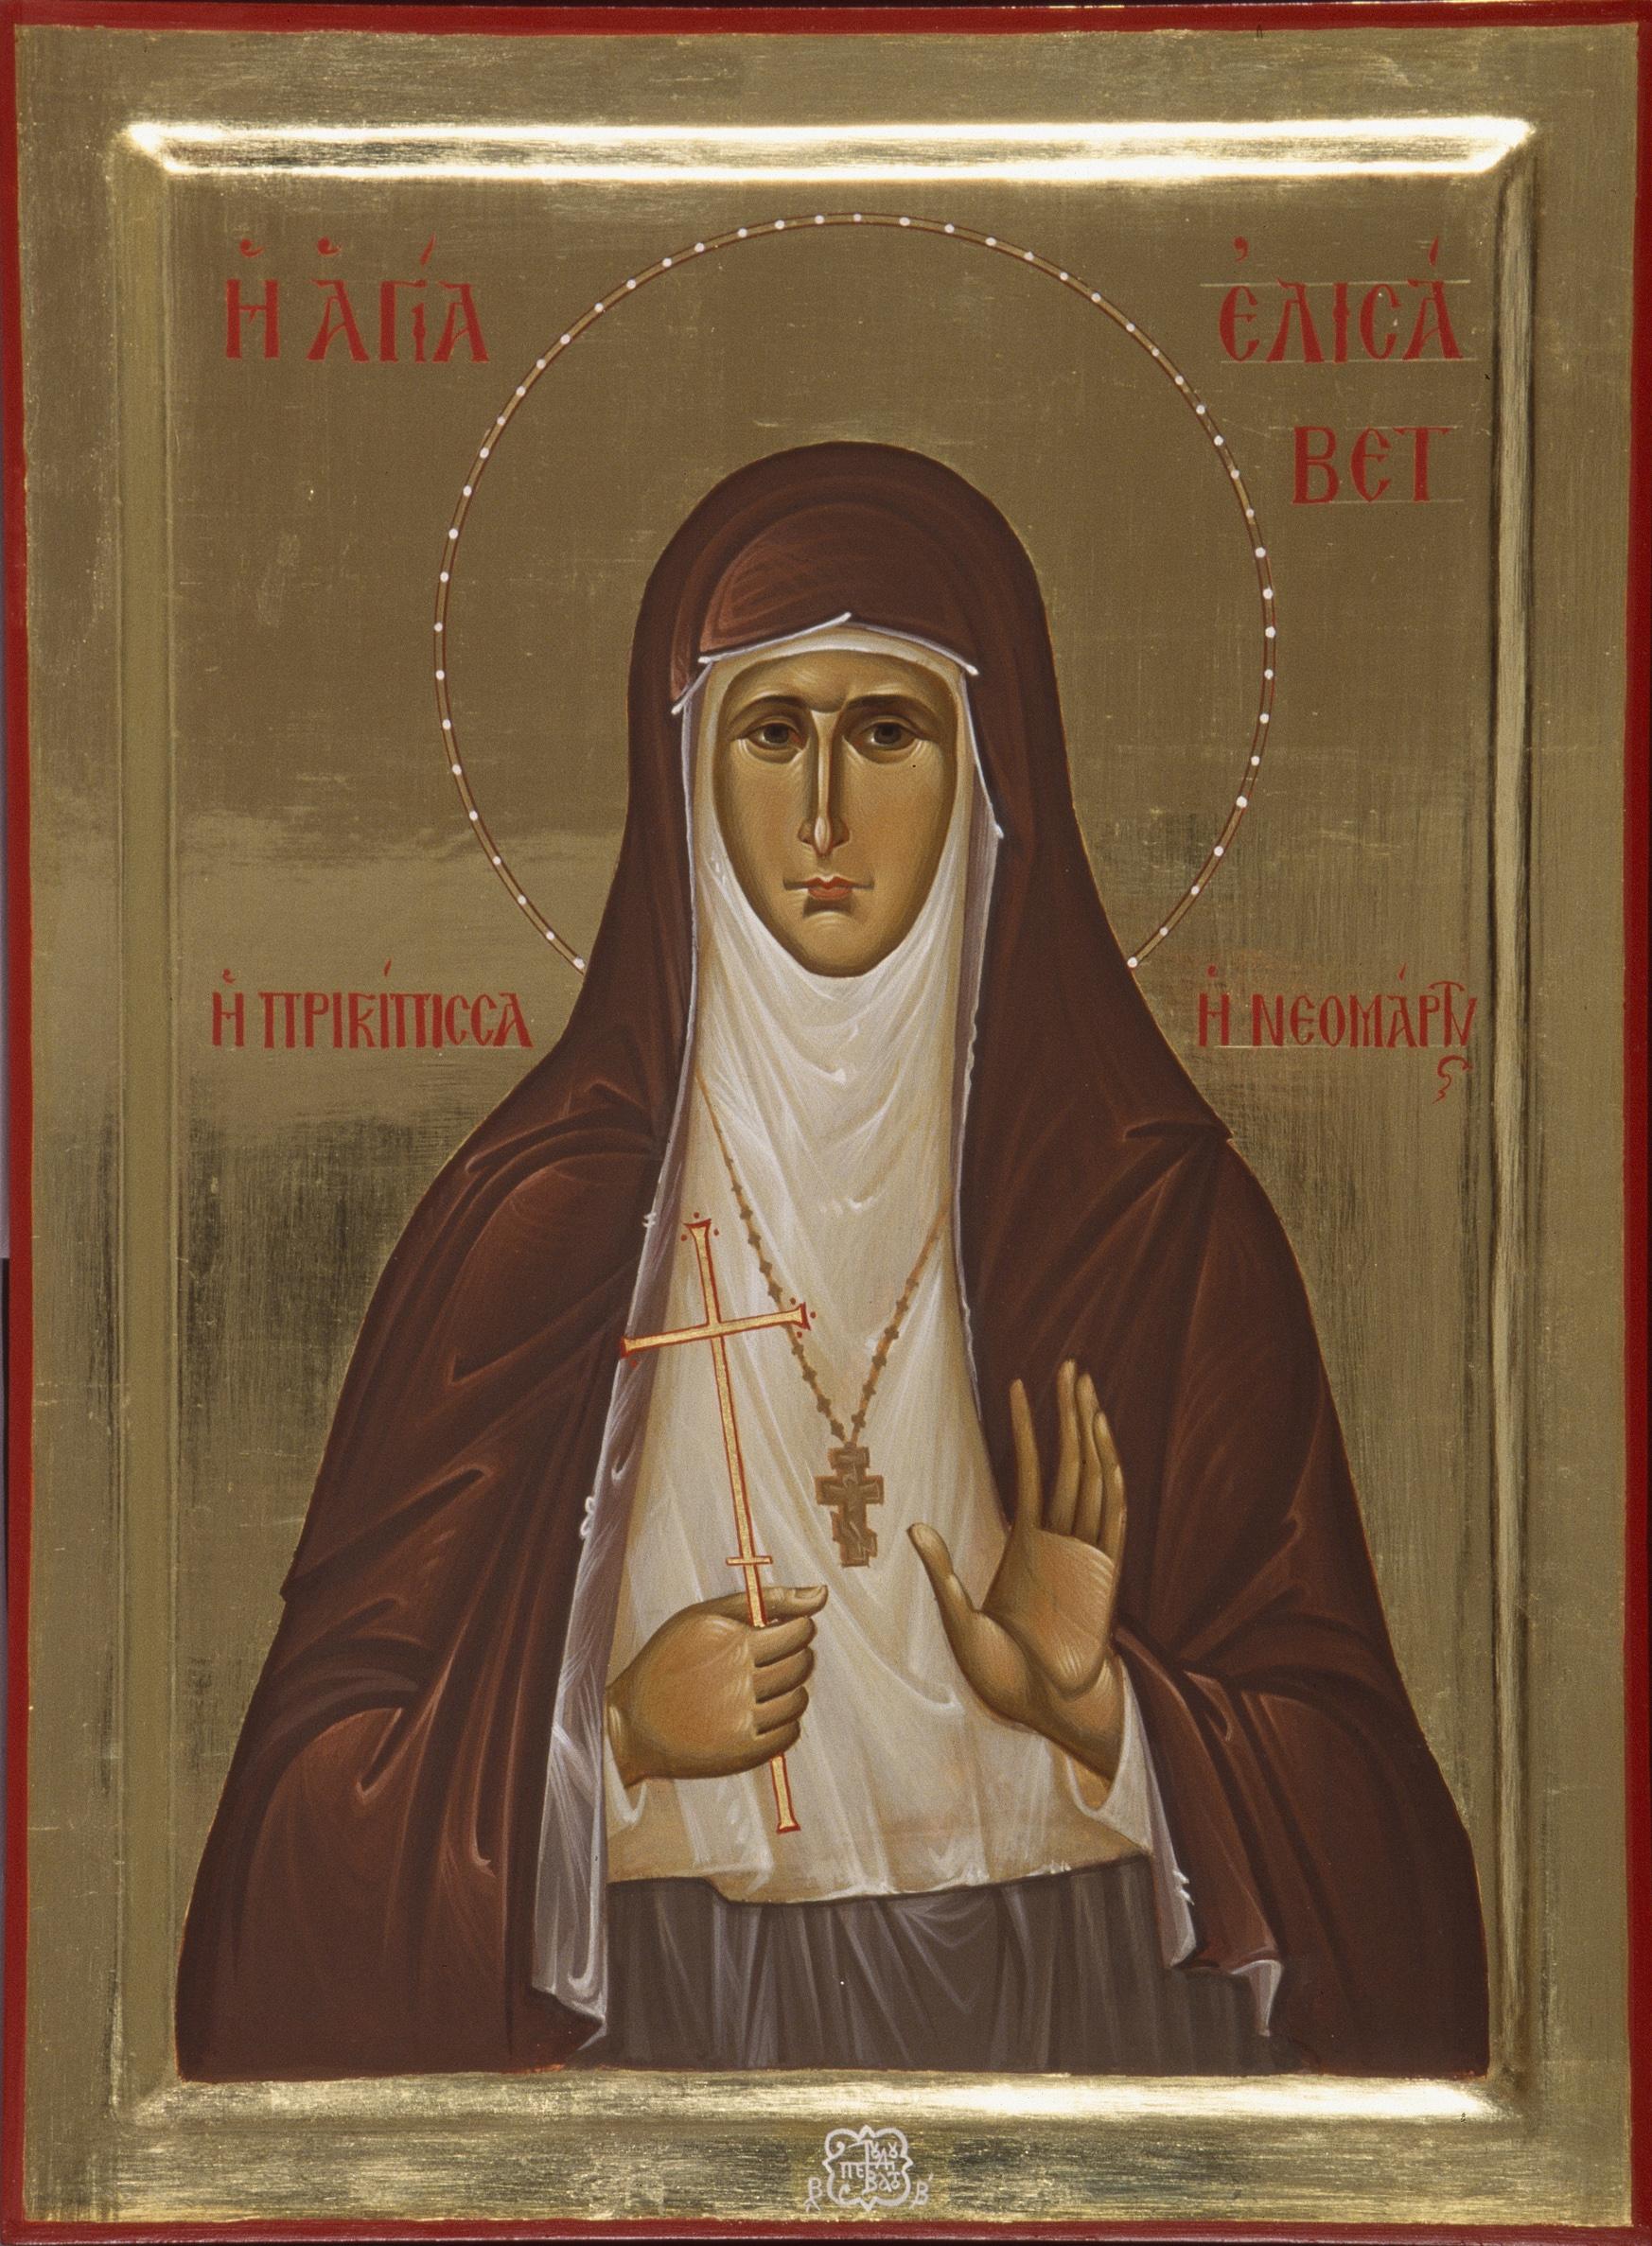 Η αγία νεομάρτυς Ελισάβετ. Εικόνα του αγιογραφείου της Ιεράς Μεγίστης Μονής Βατοπαιδίου.